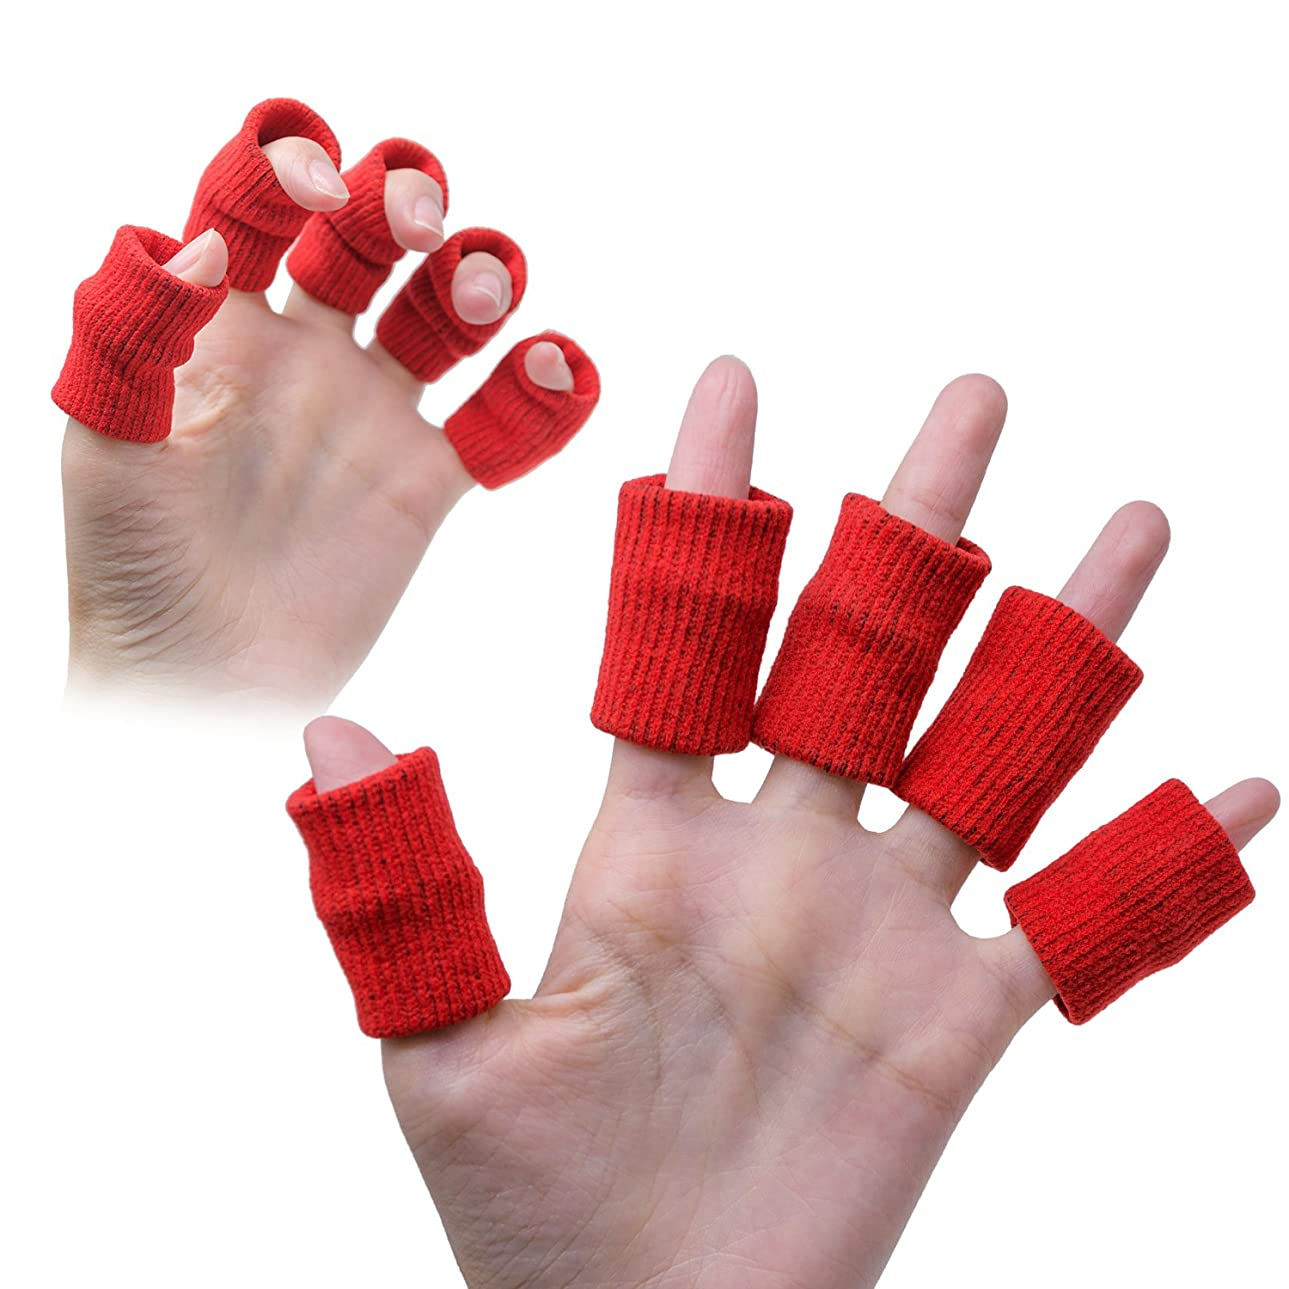 電話をかける免除する海里Sumifun 親指プロテクター 足指チューブ ? ゲルプロテクター ケア指スリーブ&指先保護は関節炎、硬さ、痛みを緩和する